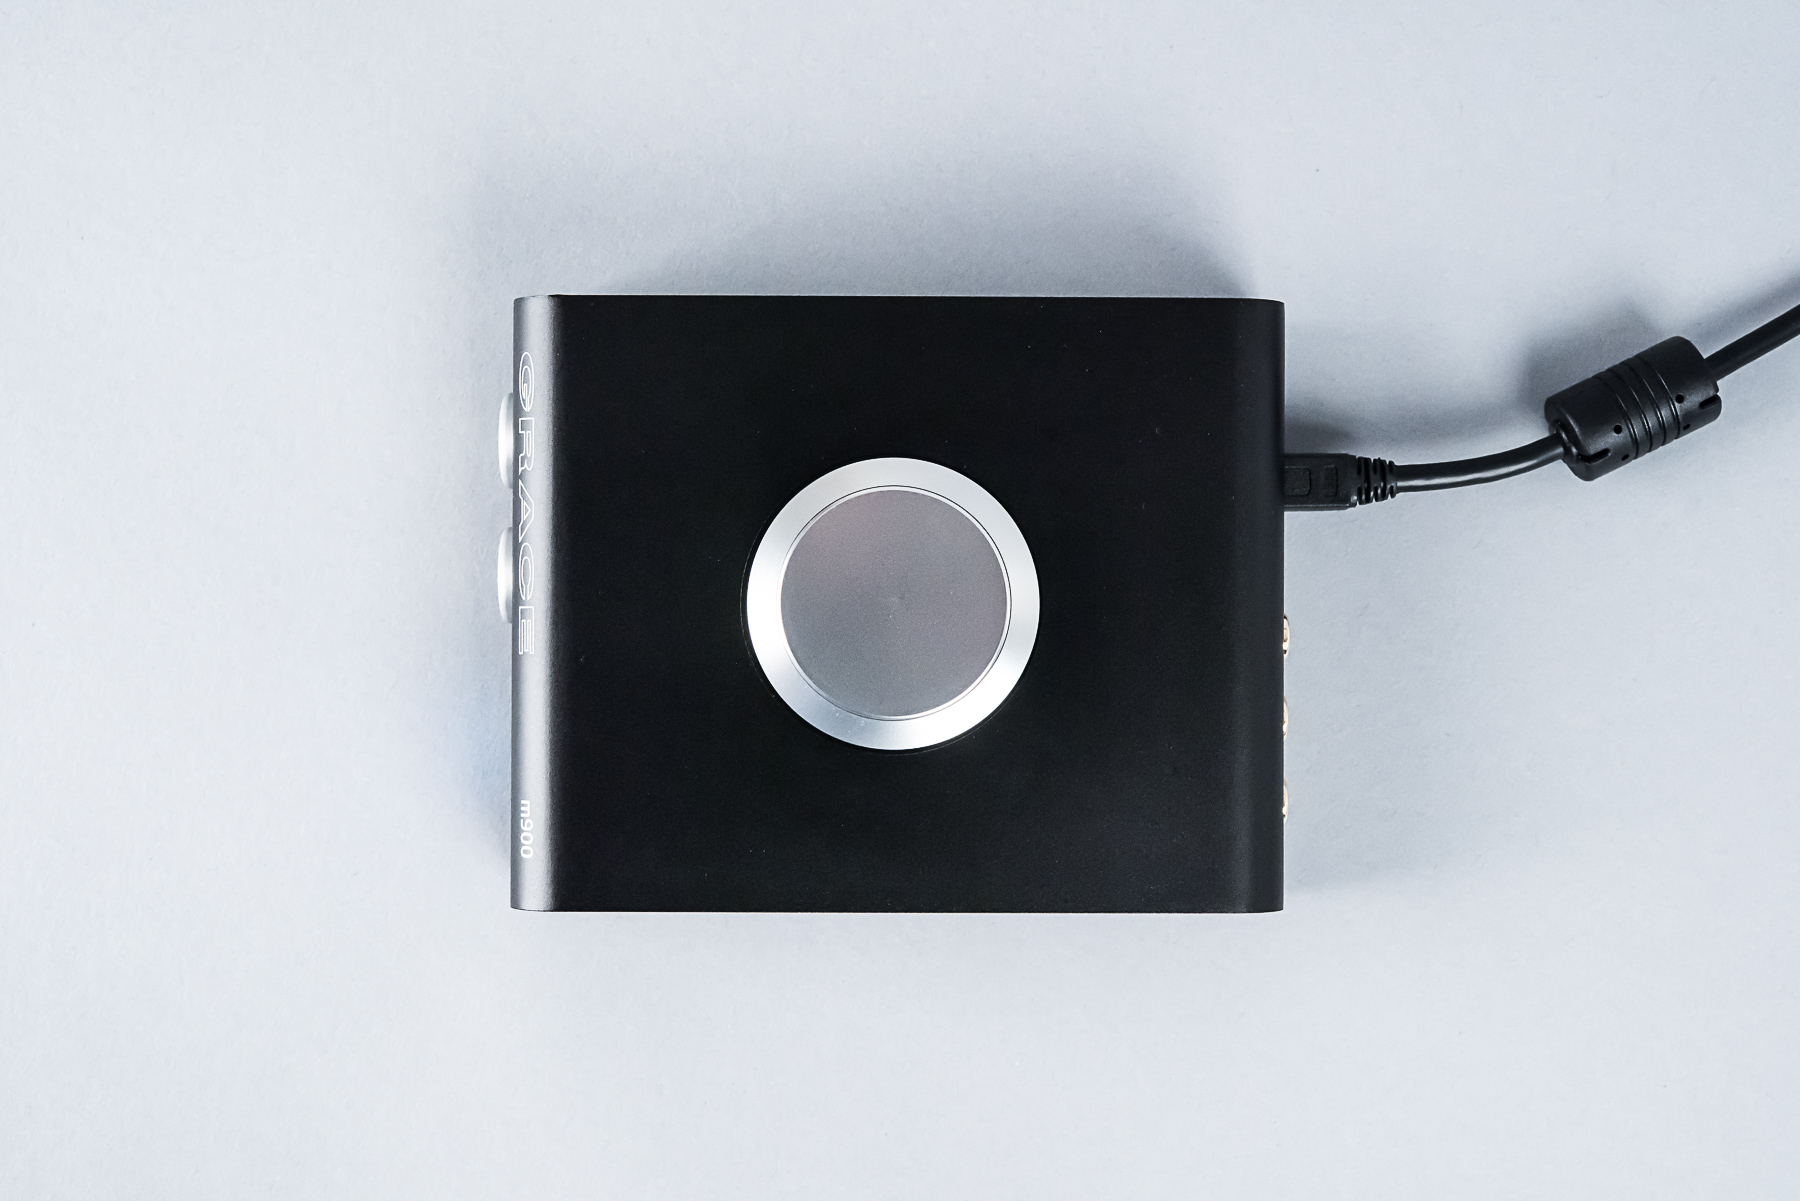 高音質DAC,ヘッドホンアンプ,ハイエンド,Hi-Fiヘッドホンアンプ,スタジオヘッドホンアンプ,11.2MHz(256x)DSD,384kHz,32bit,リファレンス音質,アシンクロナスUSB,プロヘッドホンアンプ,ヘッドフォンアンプ,おすすめ,高音質ヘッドホンアンプ,